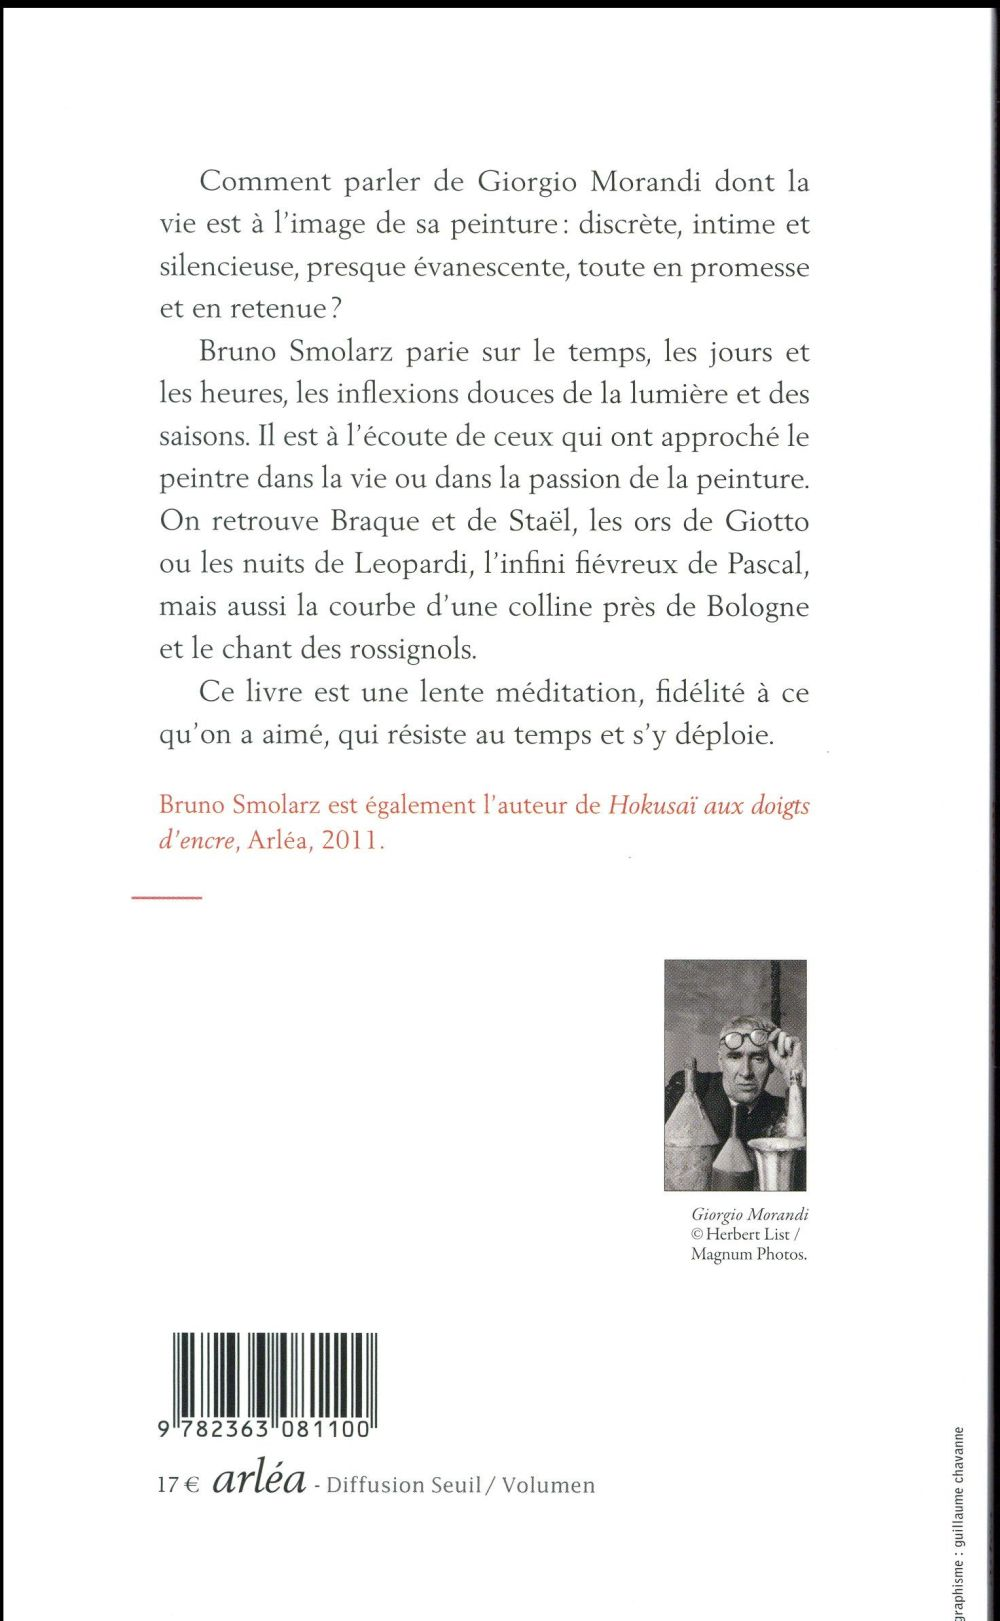 Giorgio Morandi, les jours et les heures